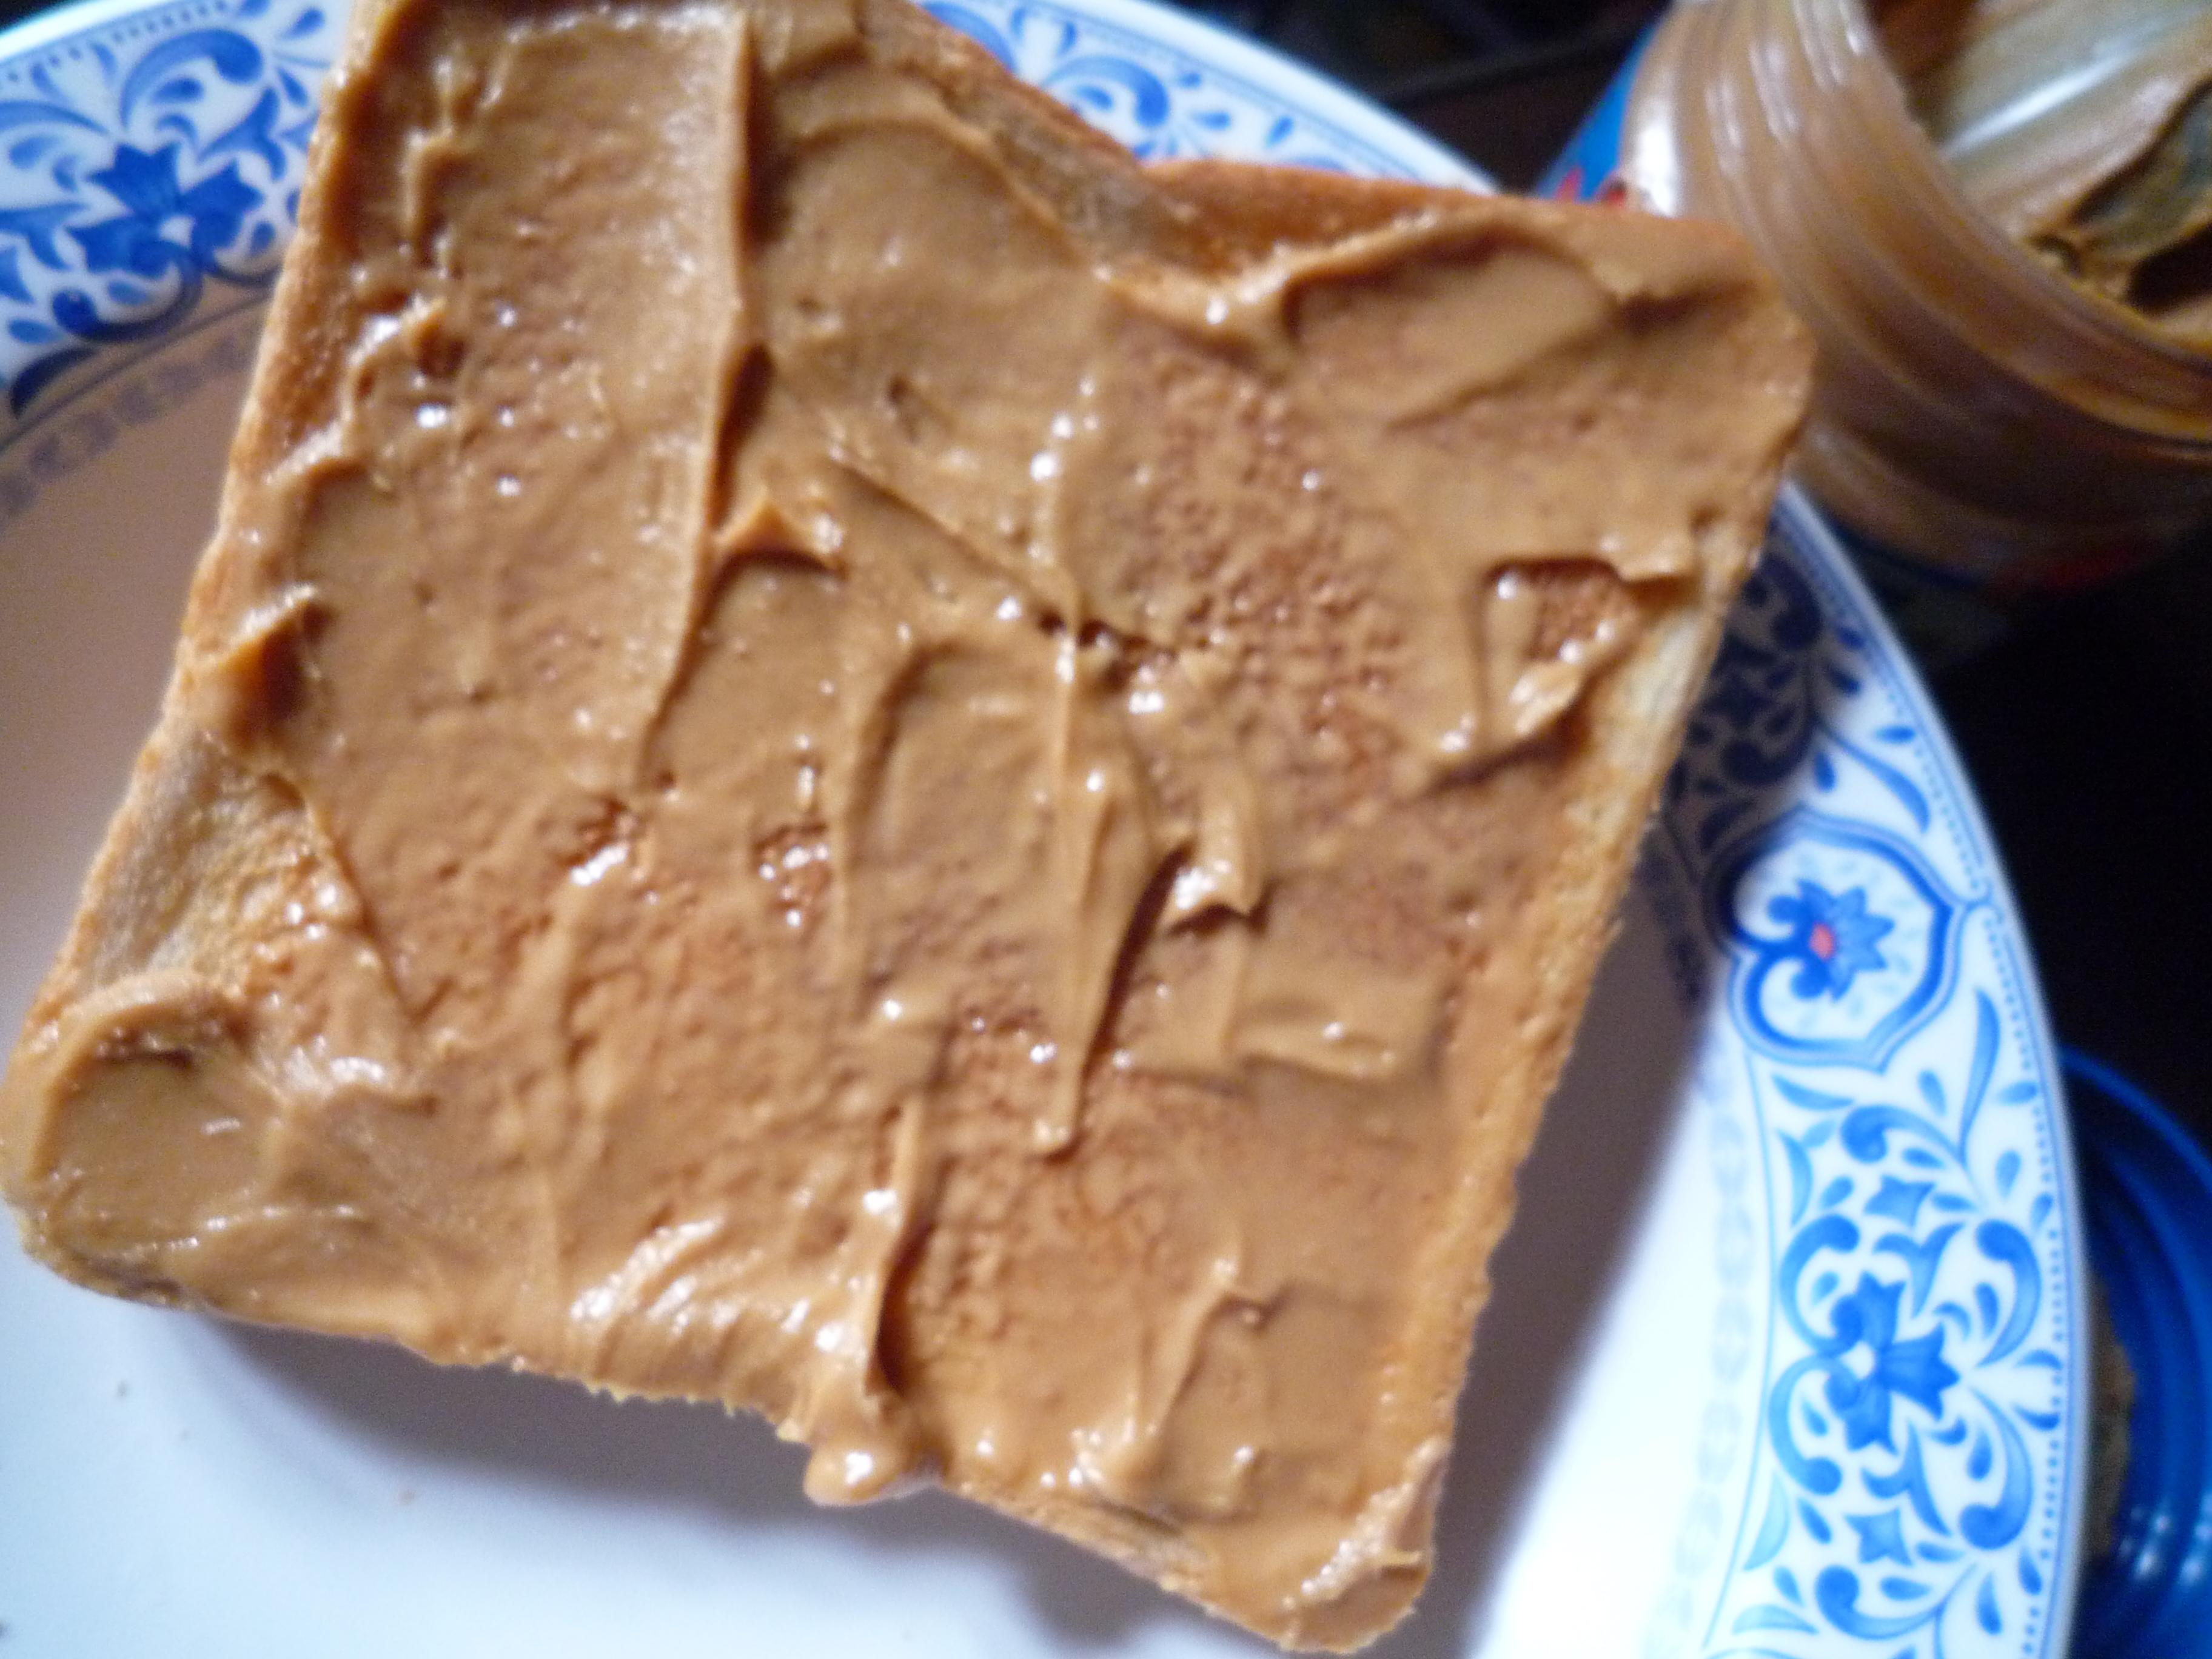 カンピー ピーナッツバタークリーミー パン